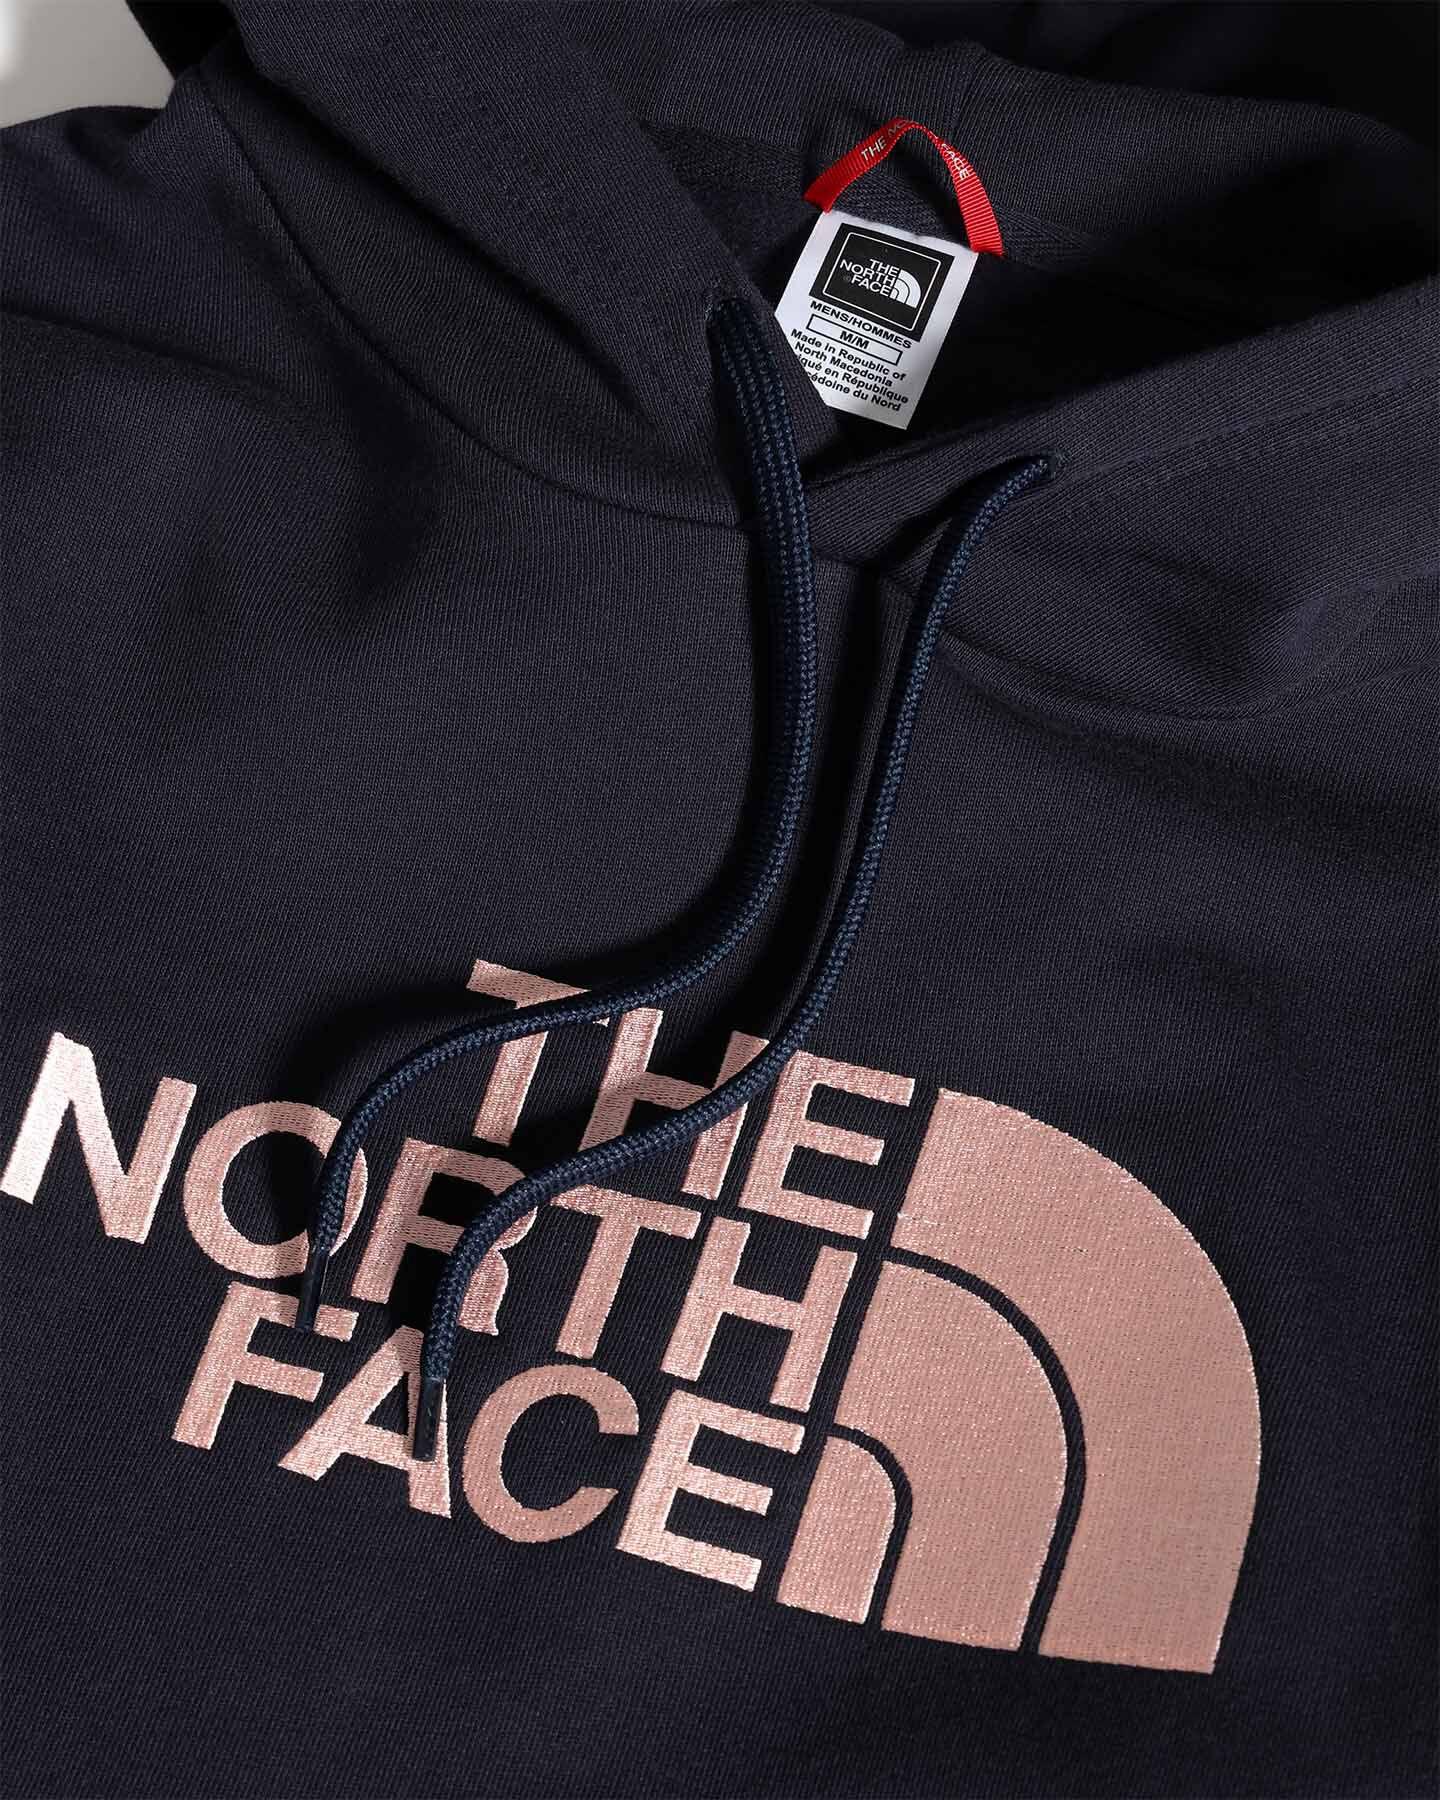 Felpa THE NORTH FACE DREW PEAK M S1303942 scatto 5